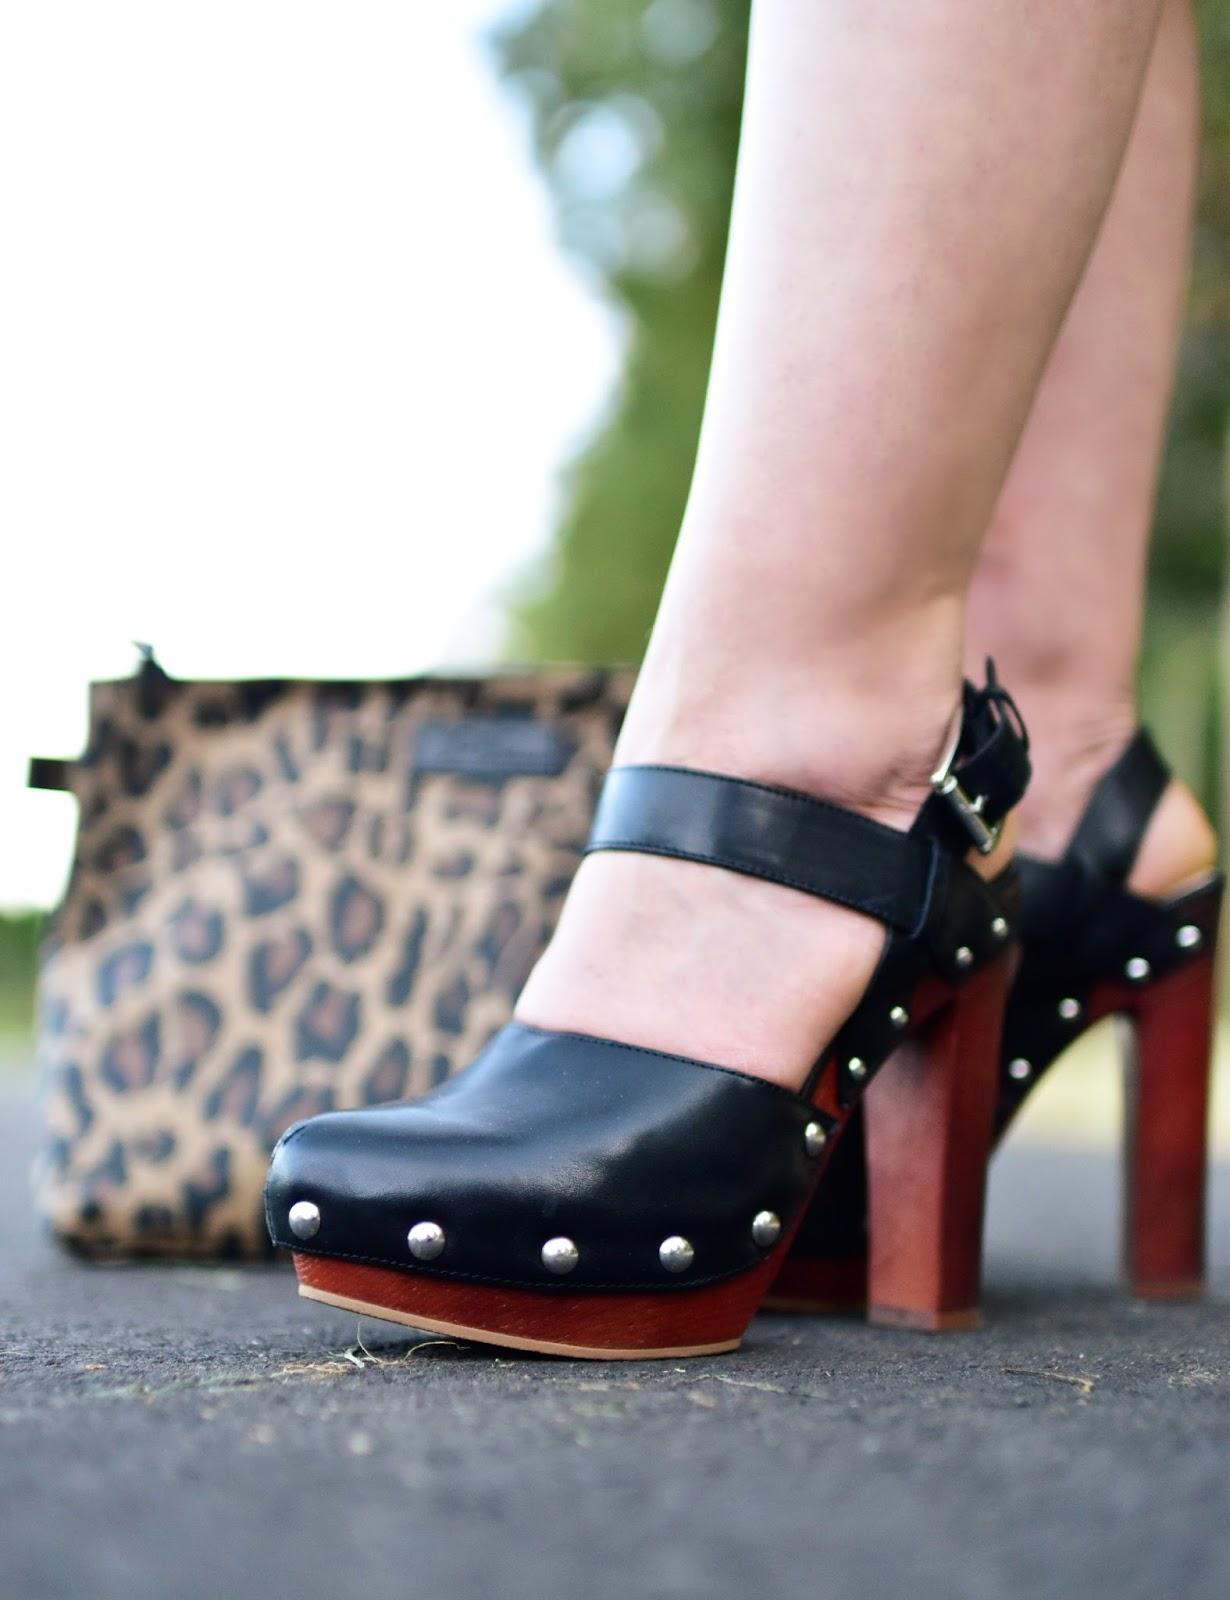 Vince Camuto stud-embellished platform shoes